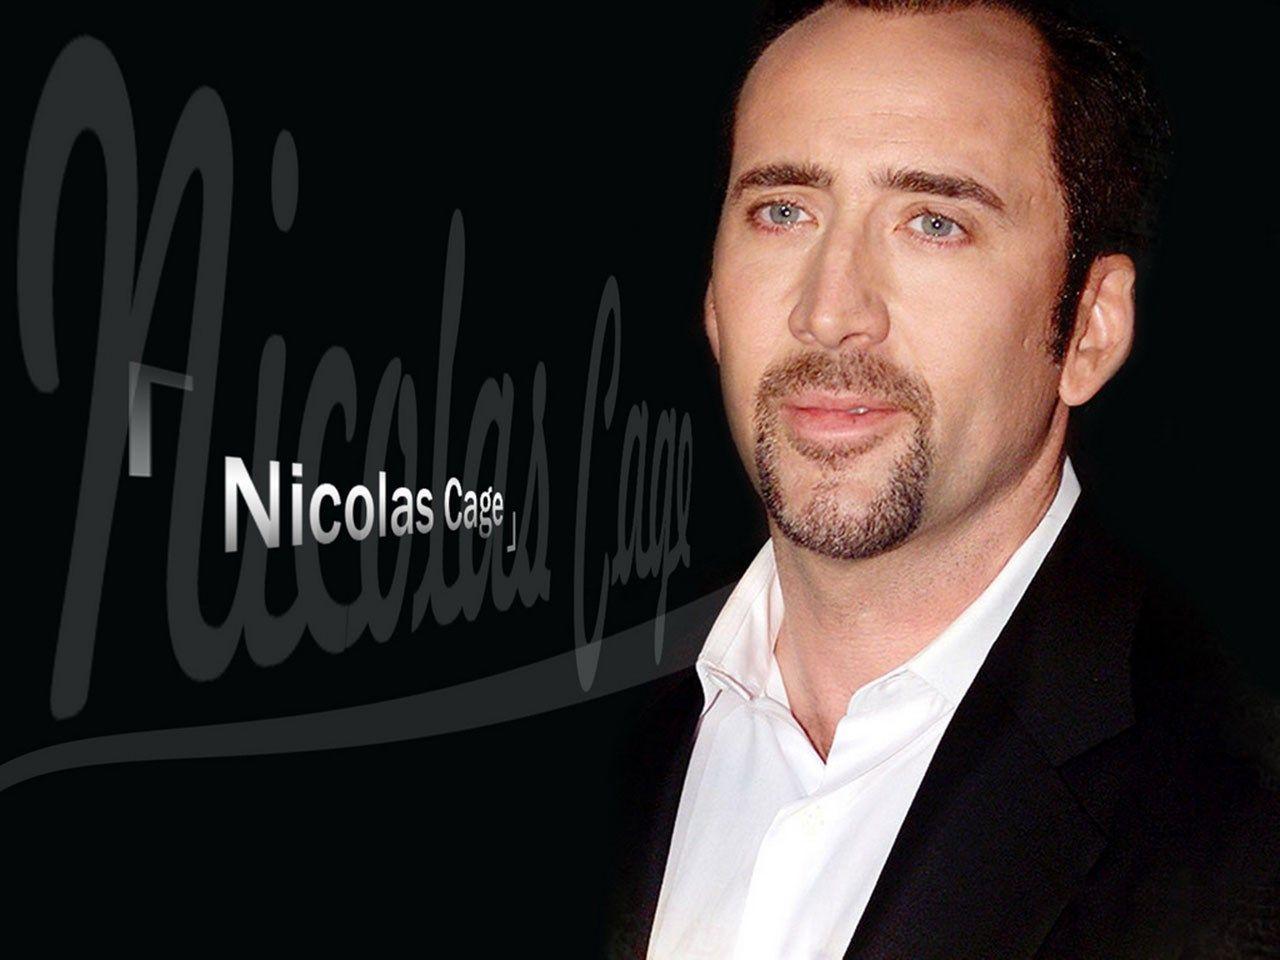 Computer Wallpaper For Nicolas Cage